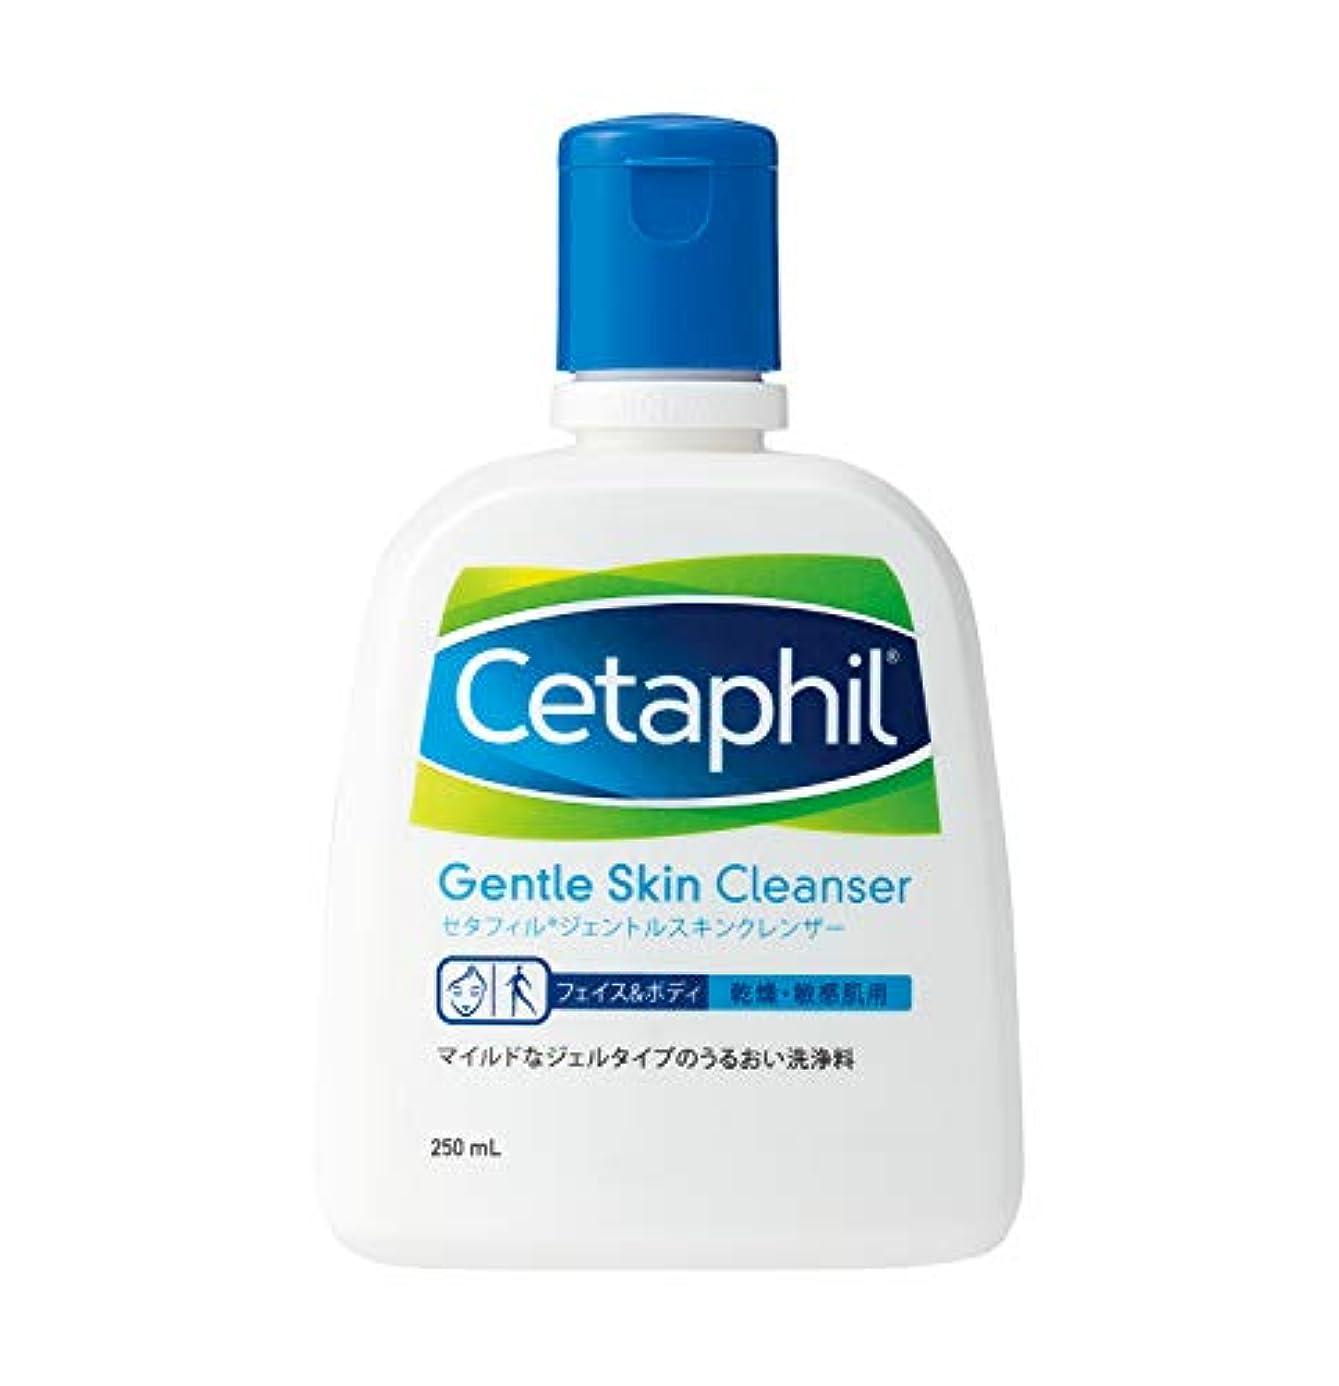 参照つばかなりのセタフィル Cetaphil ® ジェントルスキンクレンザー 250ml (フェイス & ボディ 洗浄料 クレンザー)